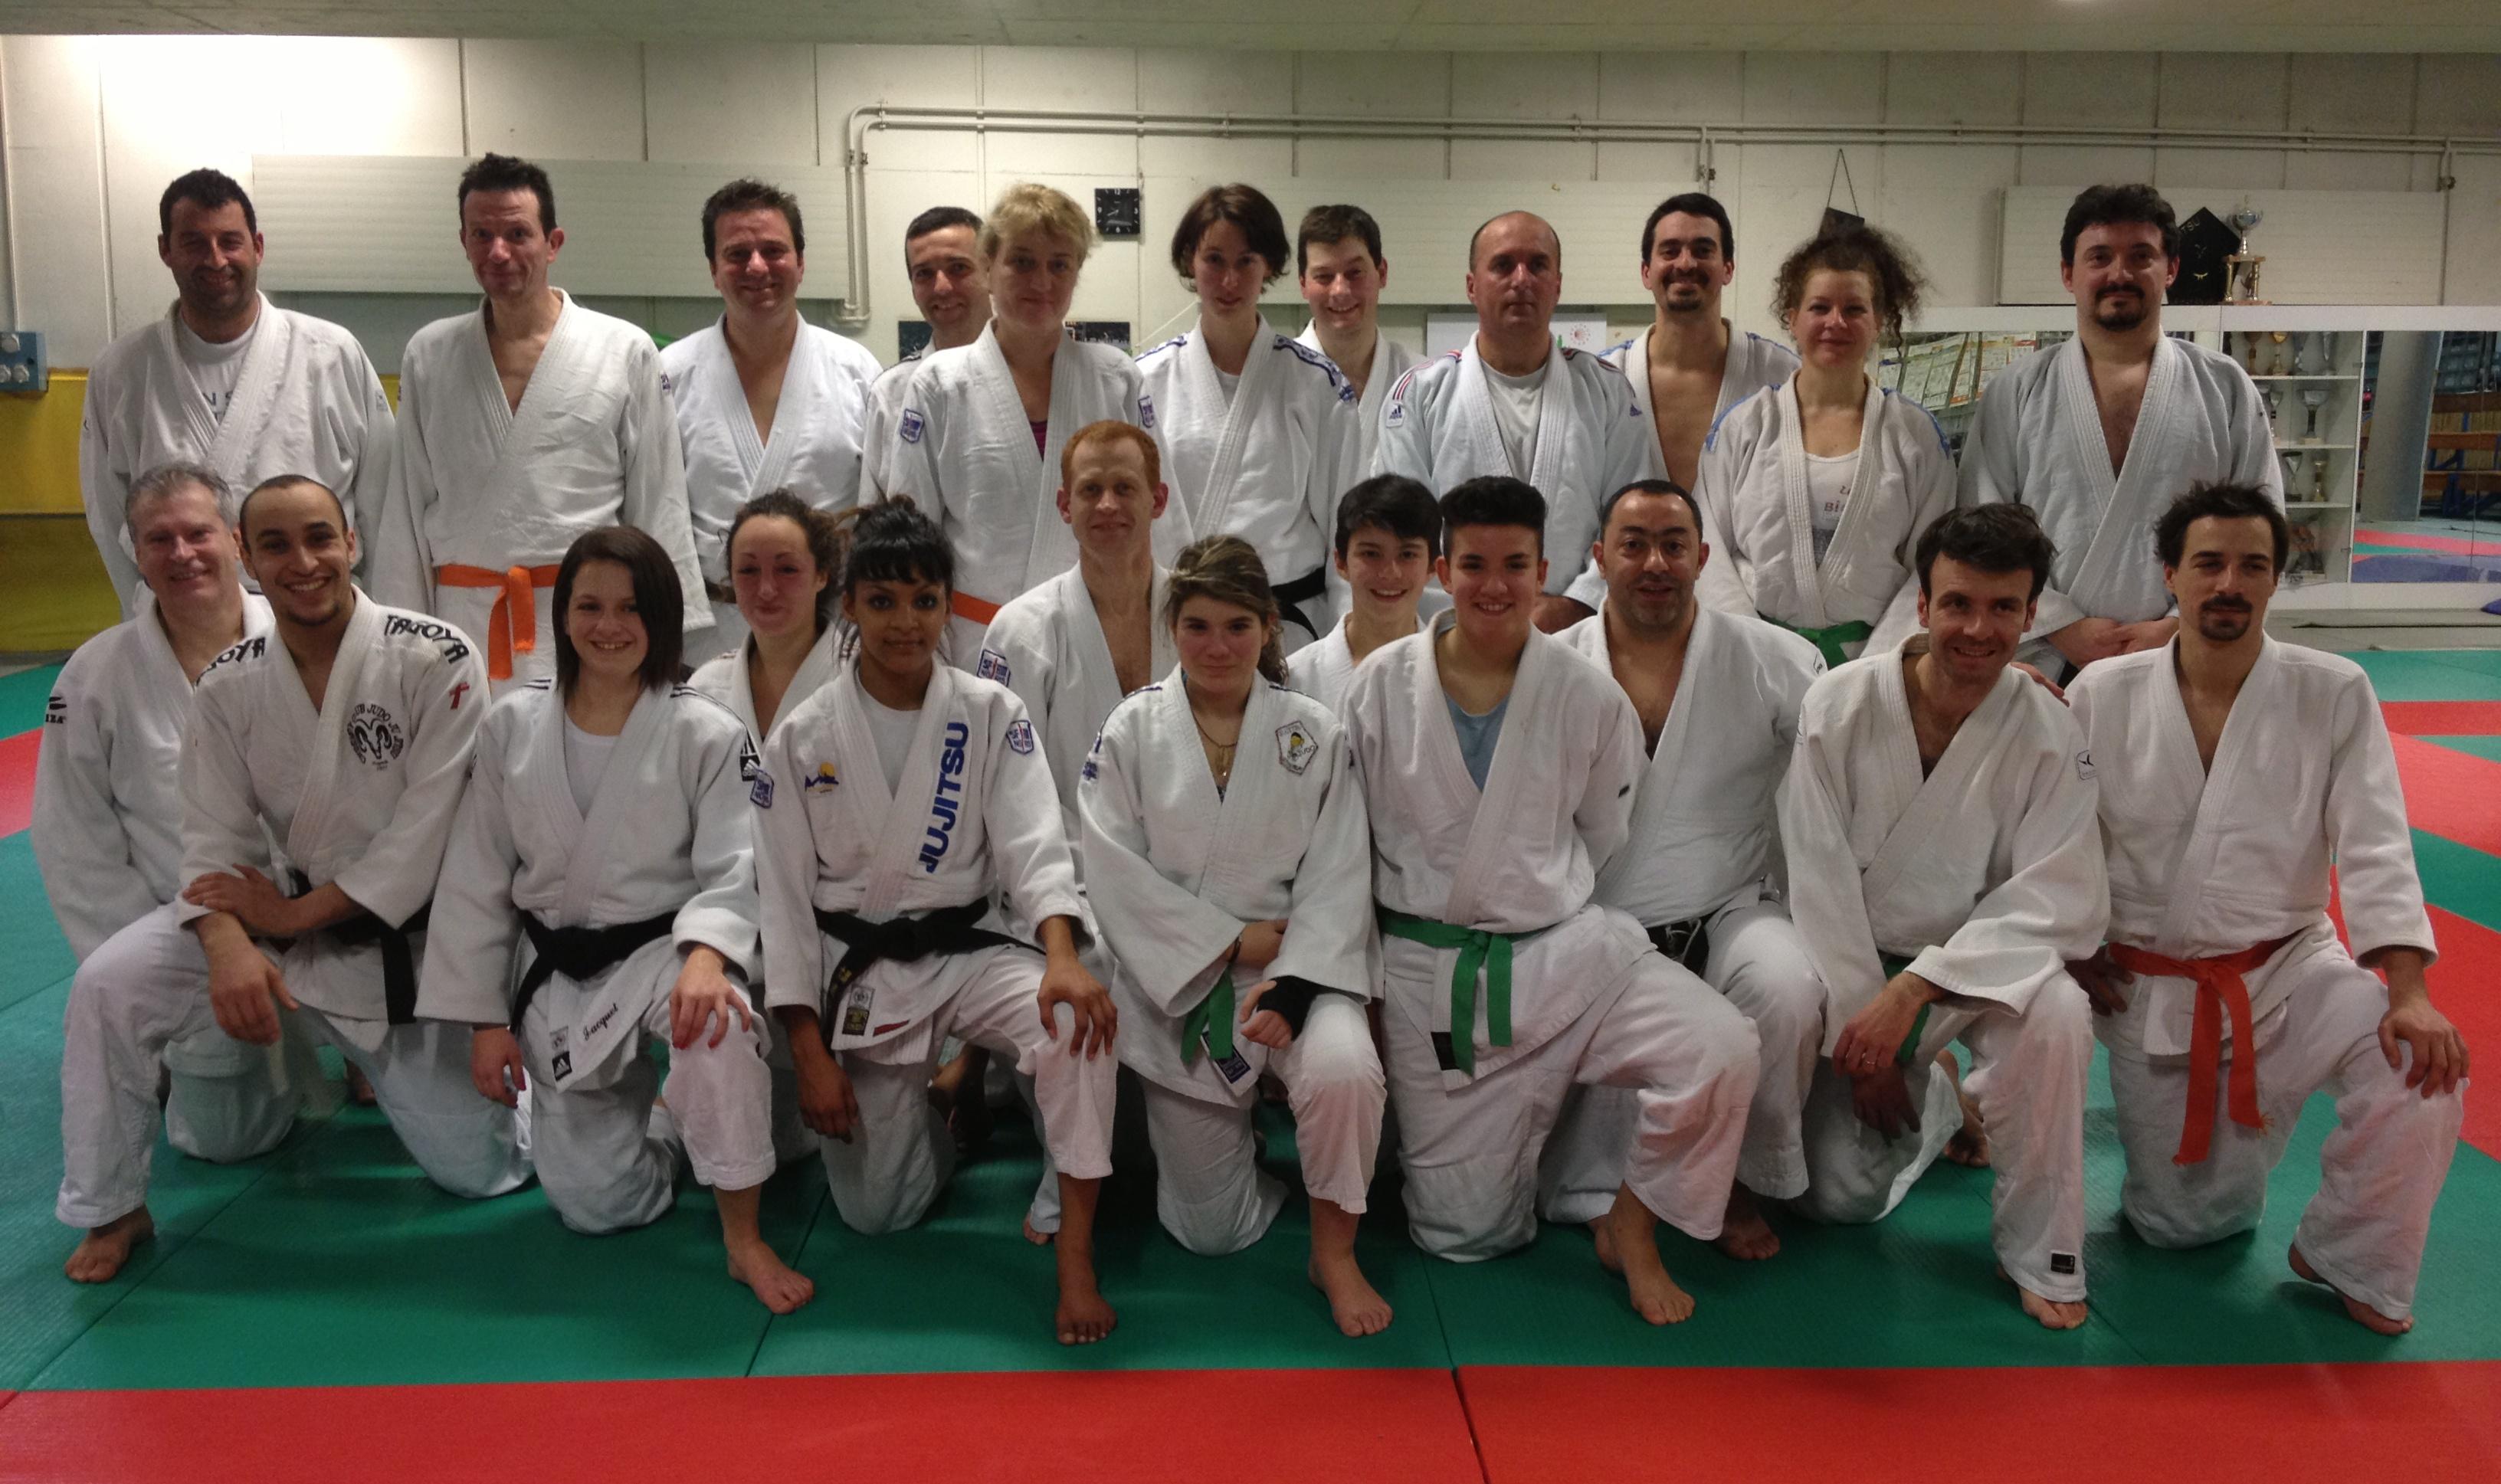 Un entrainement convivial pour les jujitsukas du Puy et Monistrol